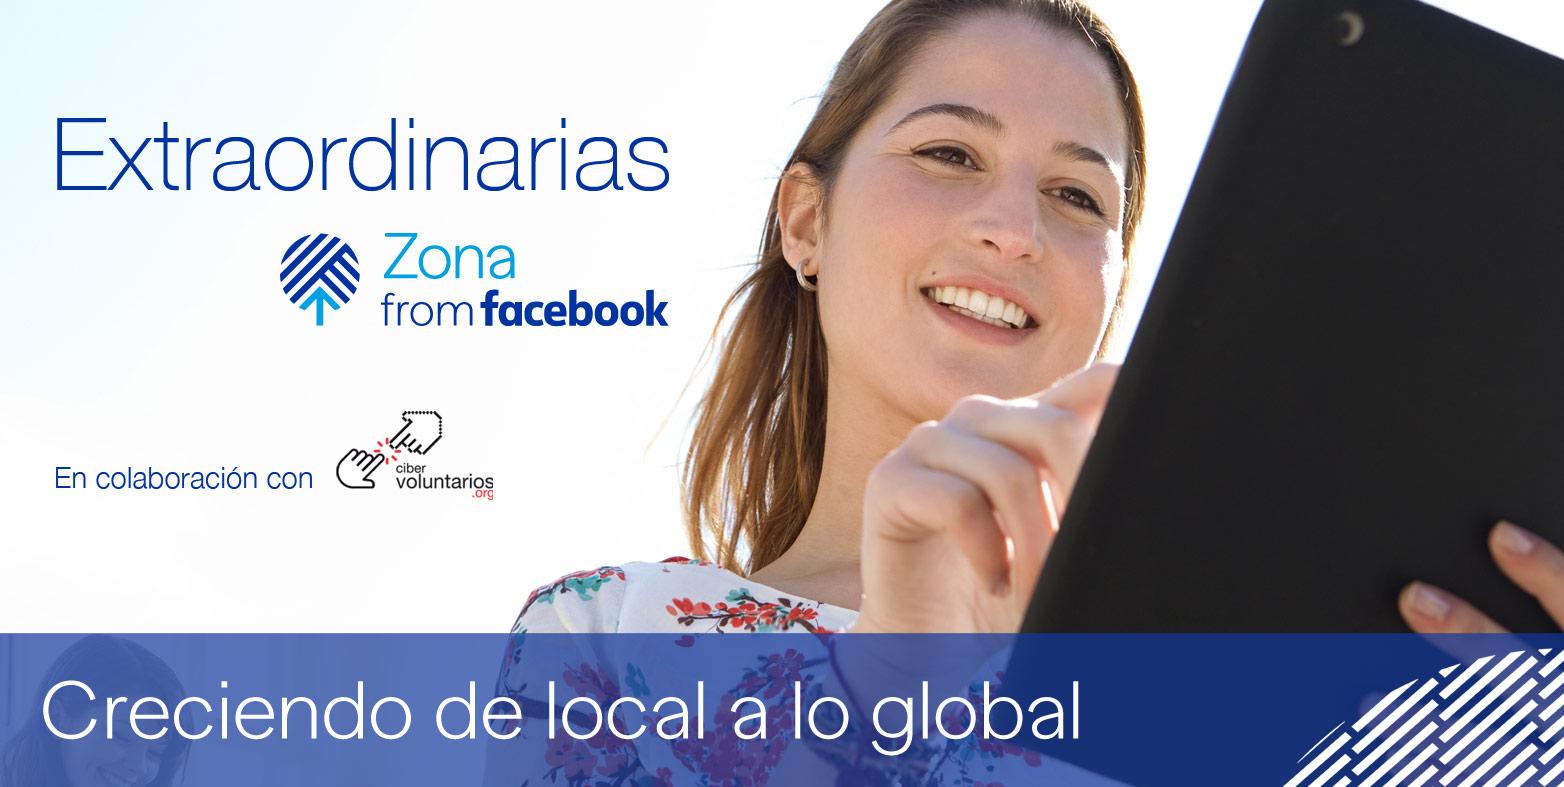 Arranca el programa Extraordinarias en Islas Baleares: Impulsando referentes de mujeres emprendedoras locales